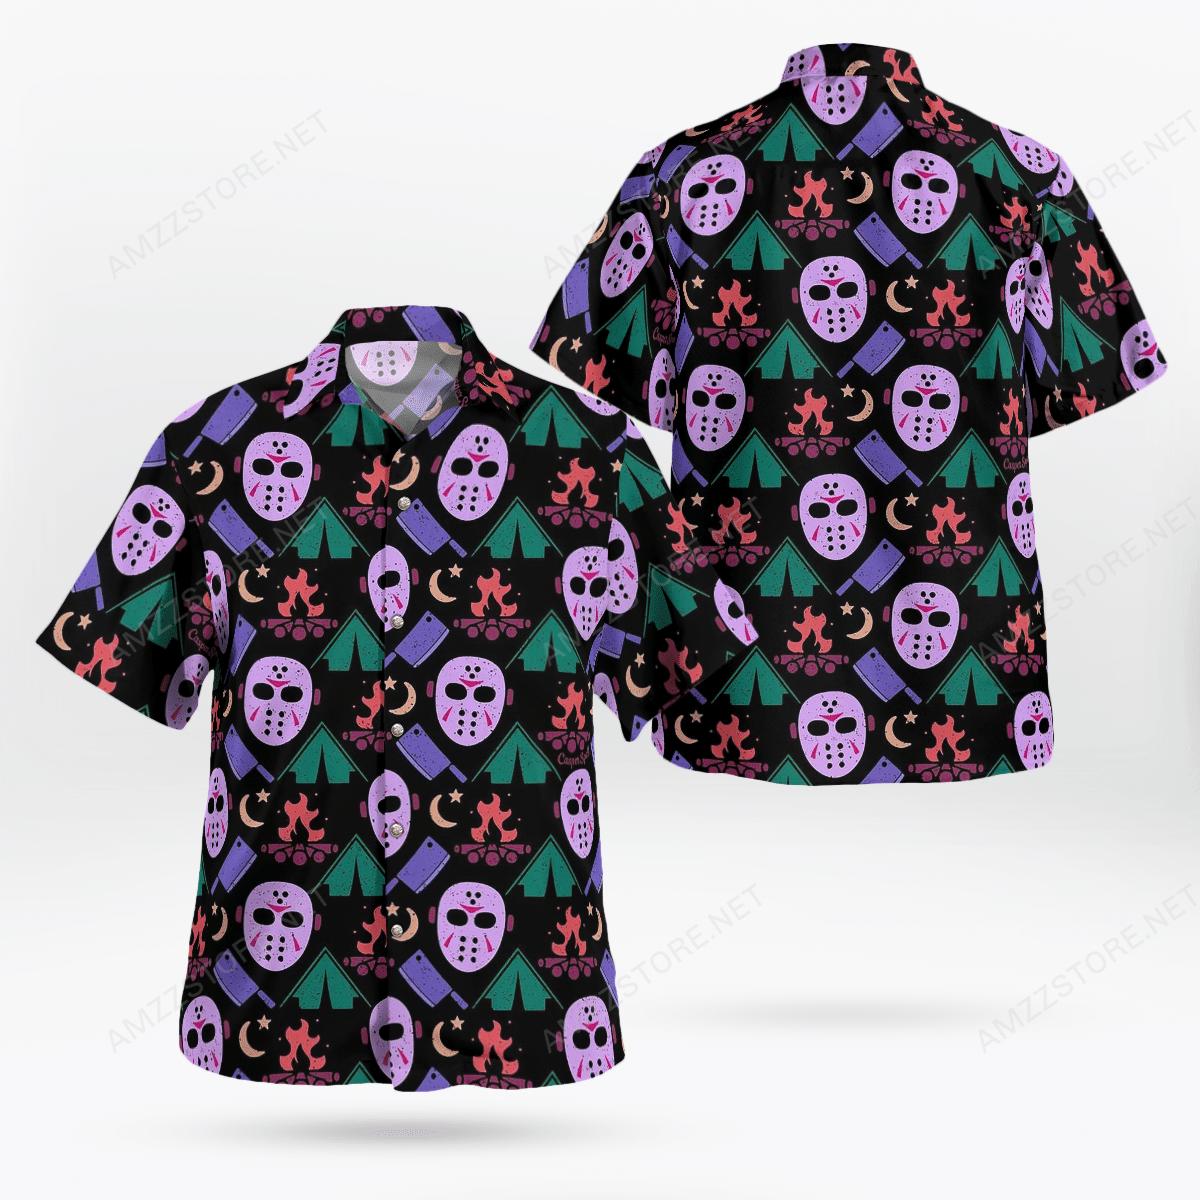 Jason Voorhees Camping Halloween Hawaiian Shirt